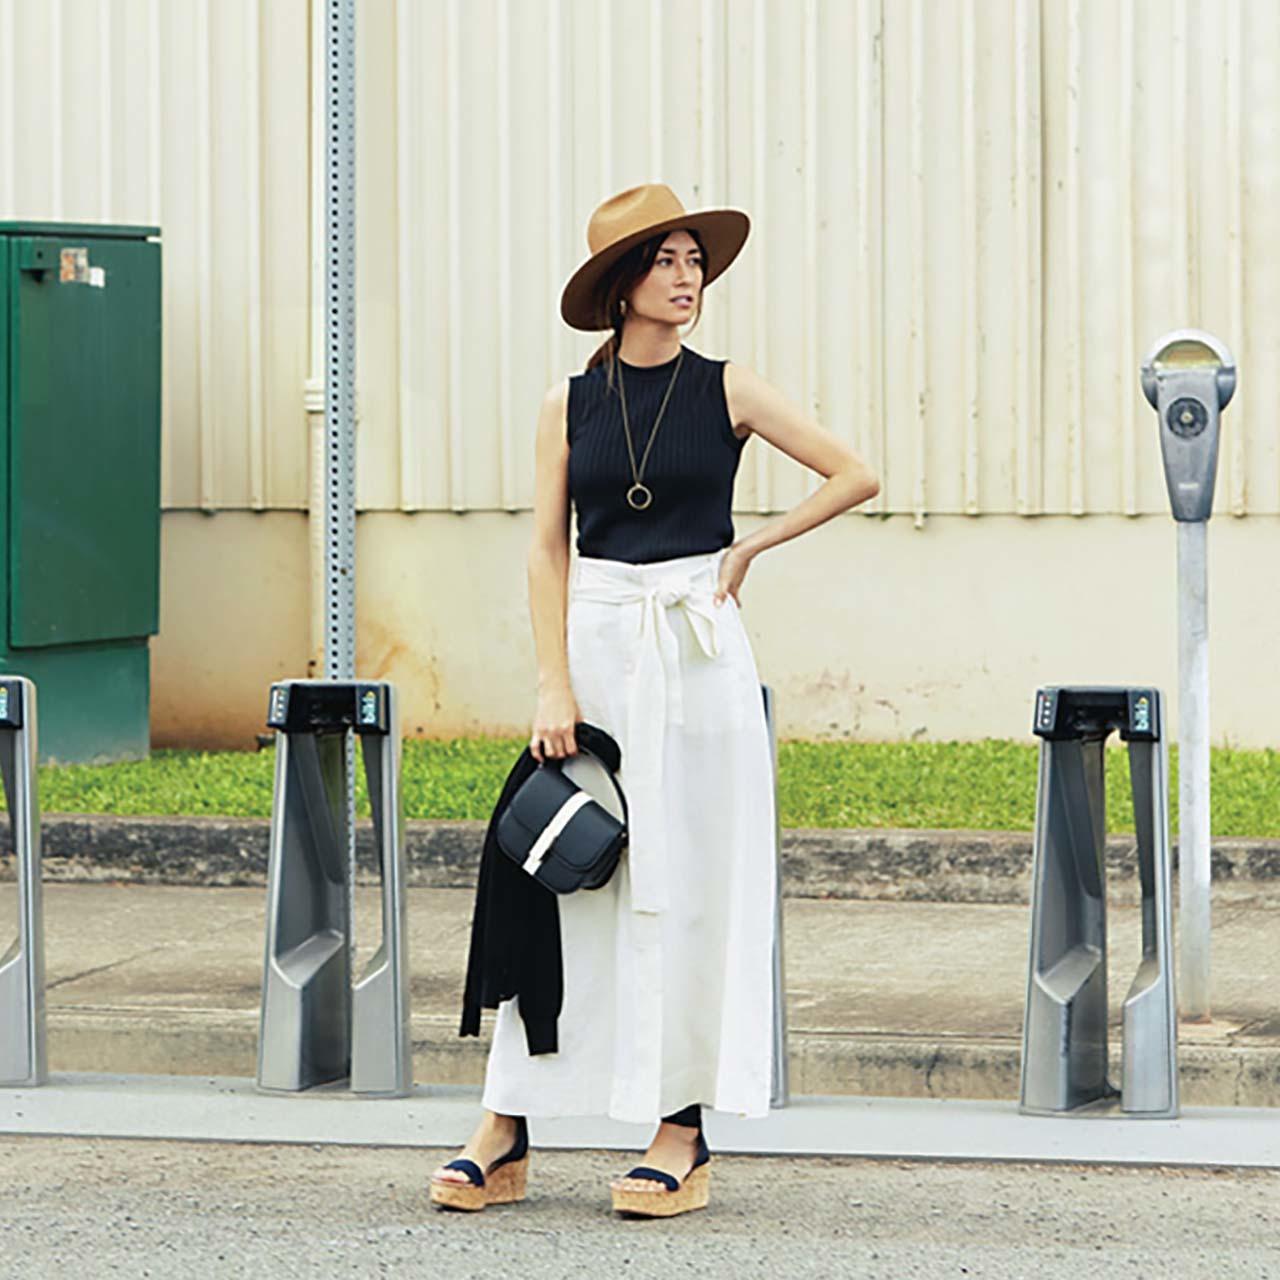 ノースリーブニット×リボンつき白スカートコーデを着たモデルのブレンダさん